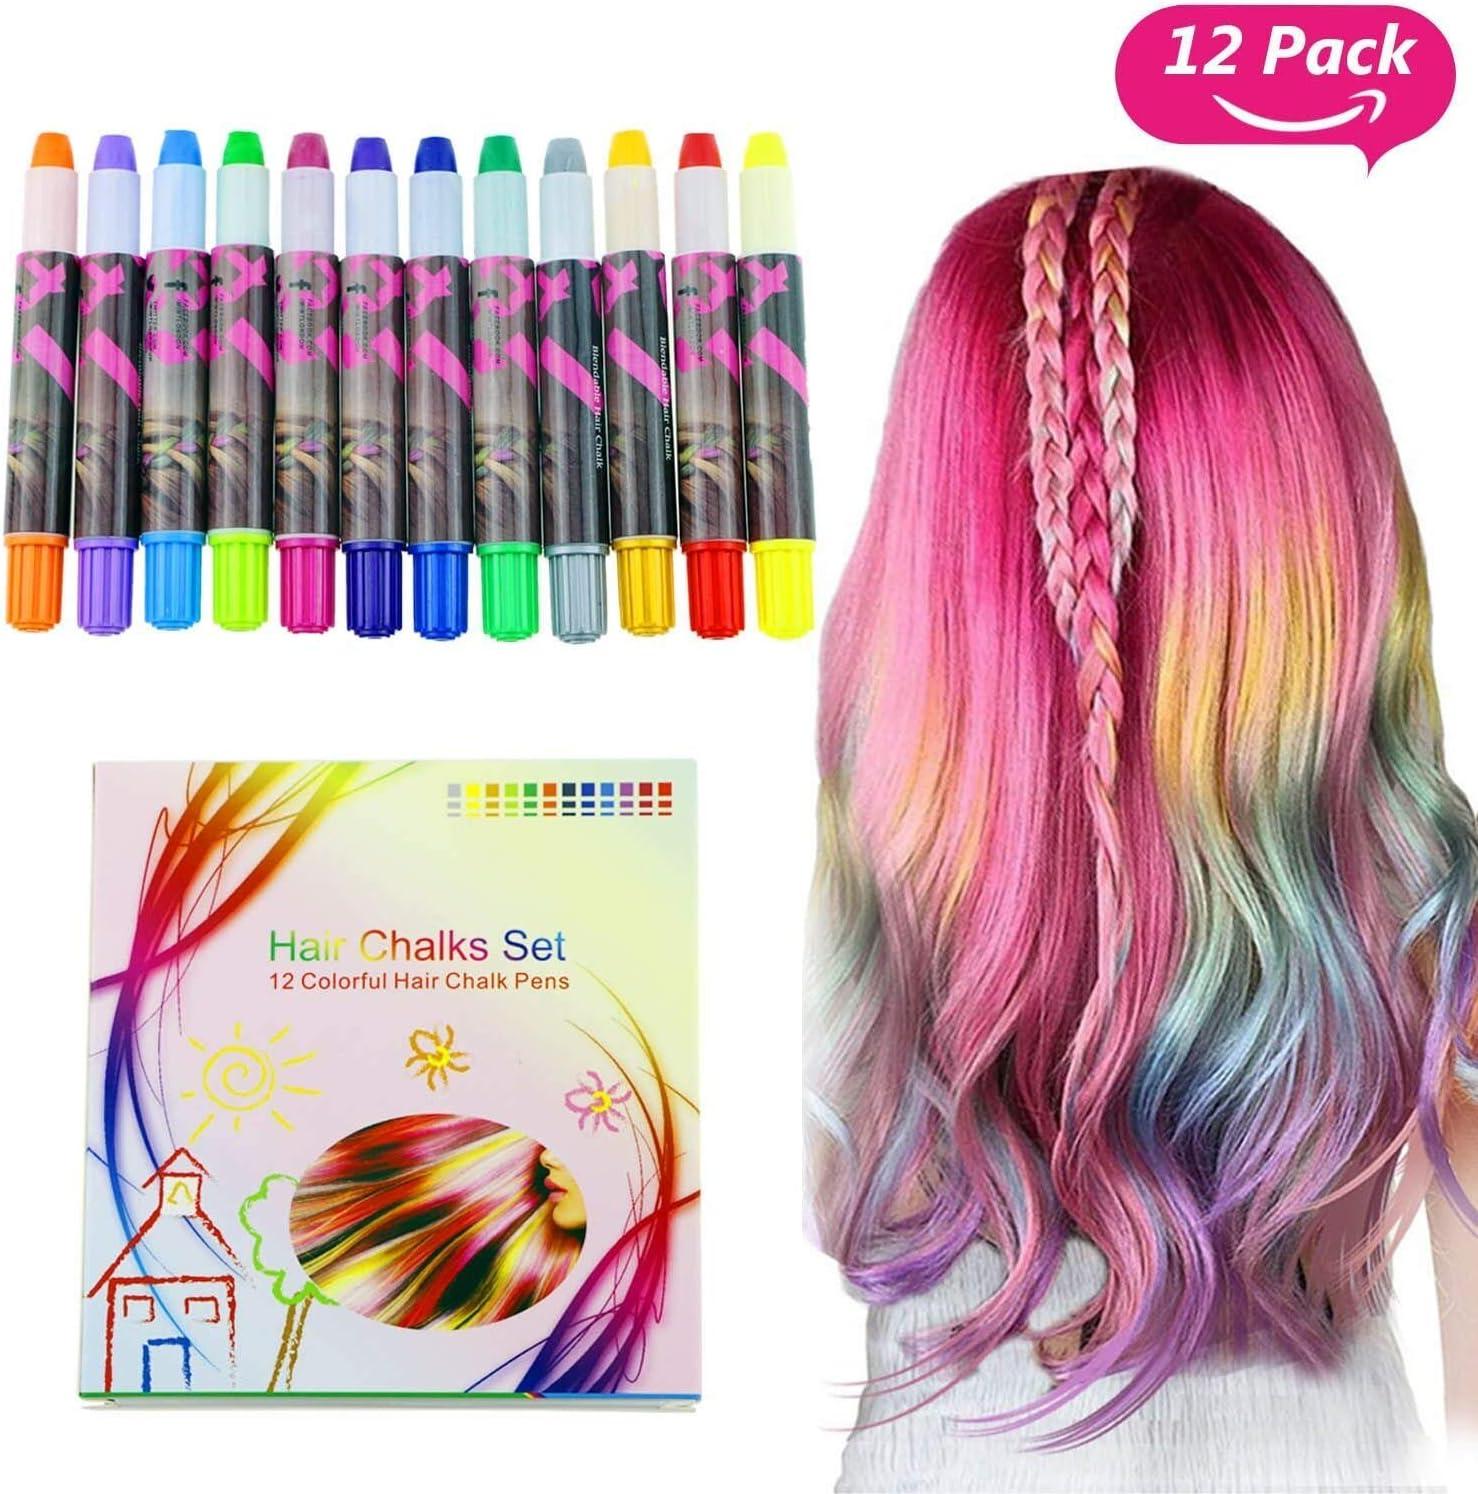 Buluri 12 colores Set de tiza para el cabello,Tinte para el cabello plumas de tiza profesionales para el cabello, plumas de tinte para el cabello - Funciona en todos los colores del cabello,Navidad